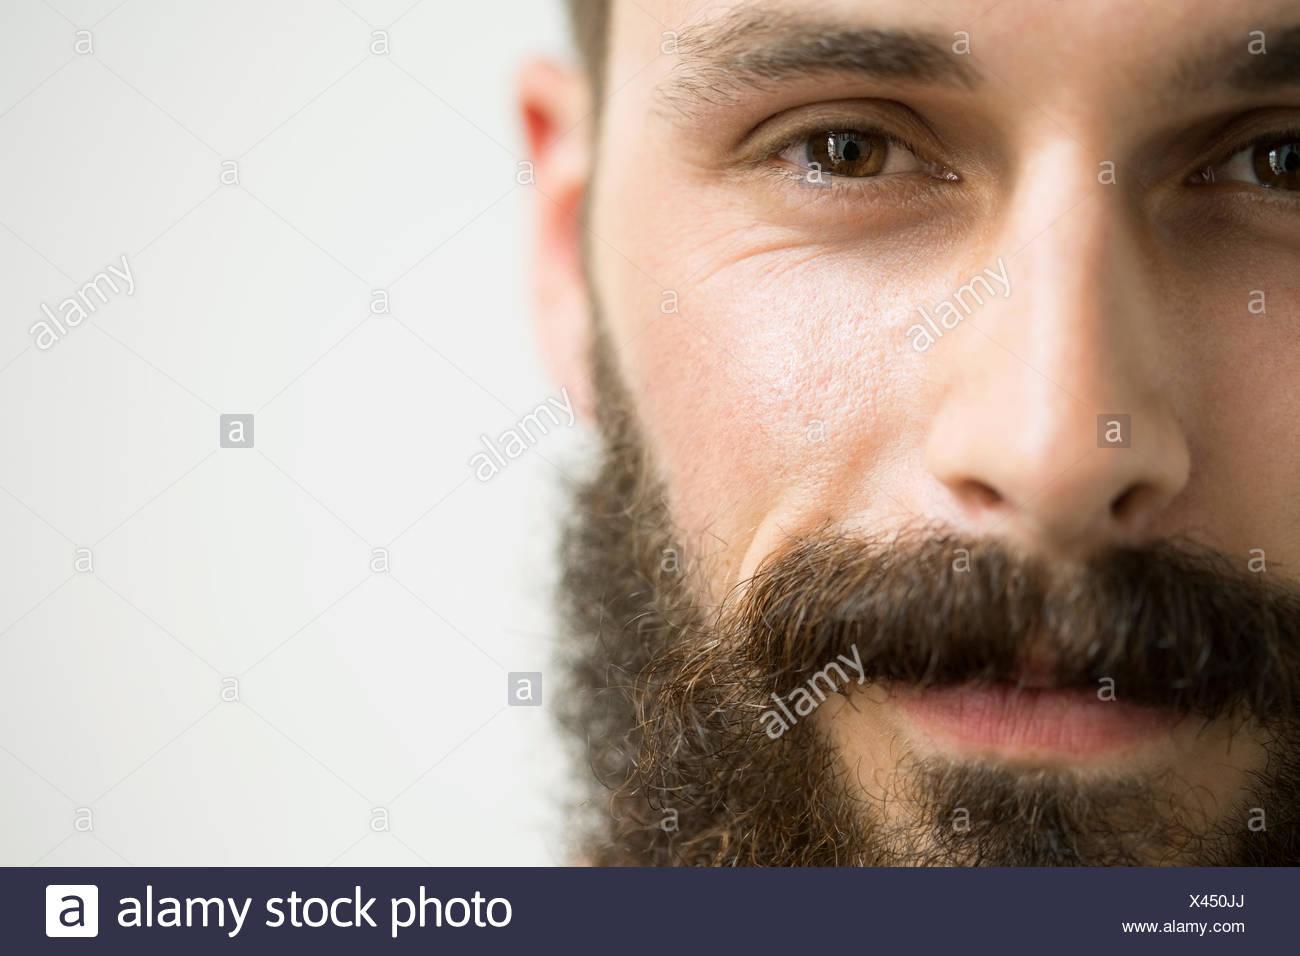 Close up ritratto di uomo con barba Immagini Stock